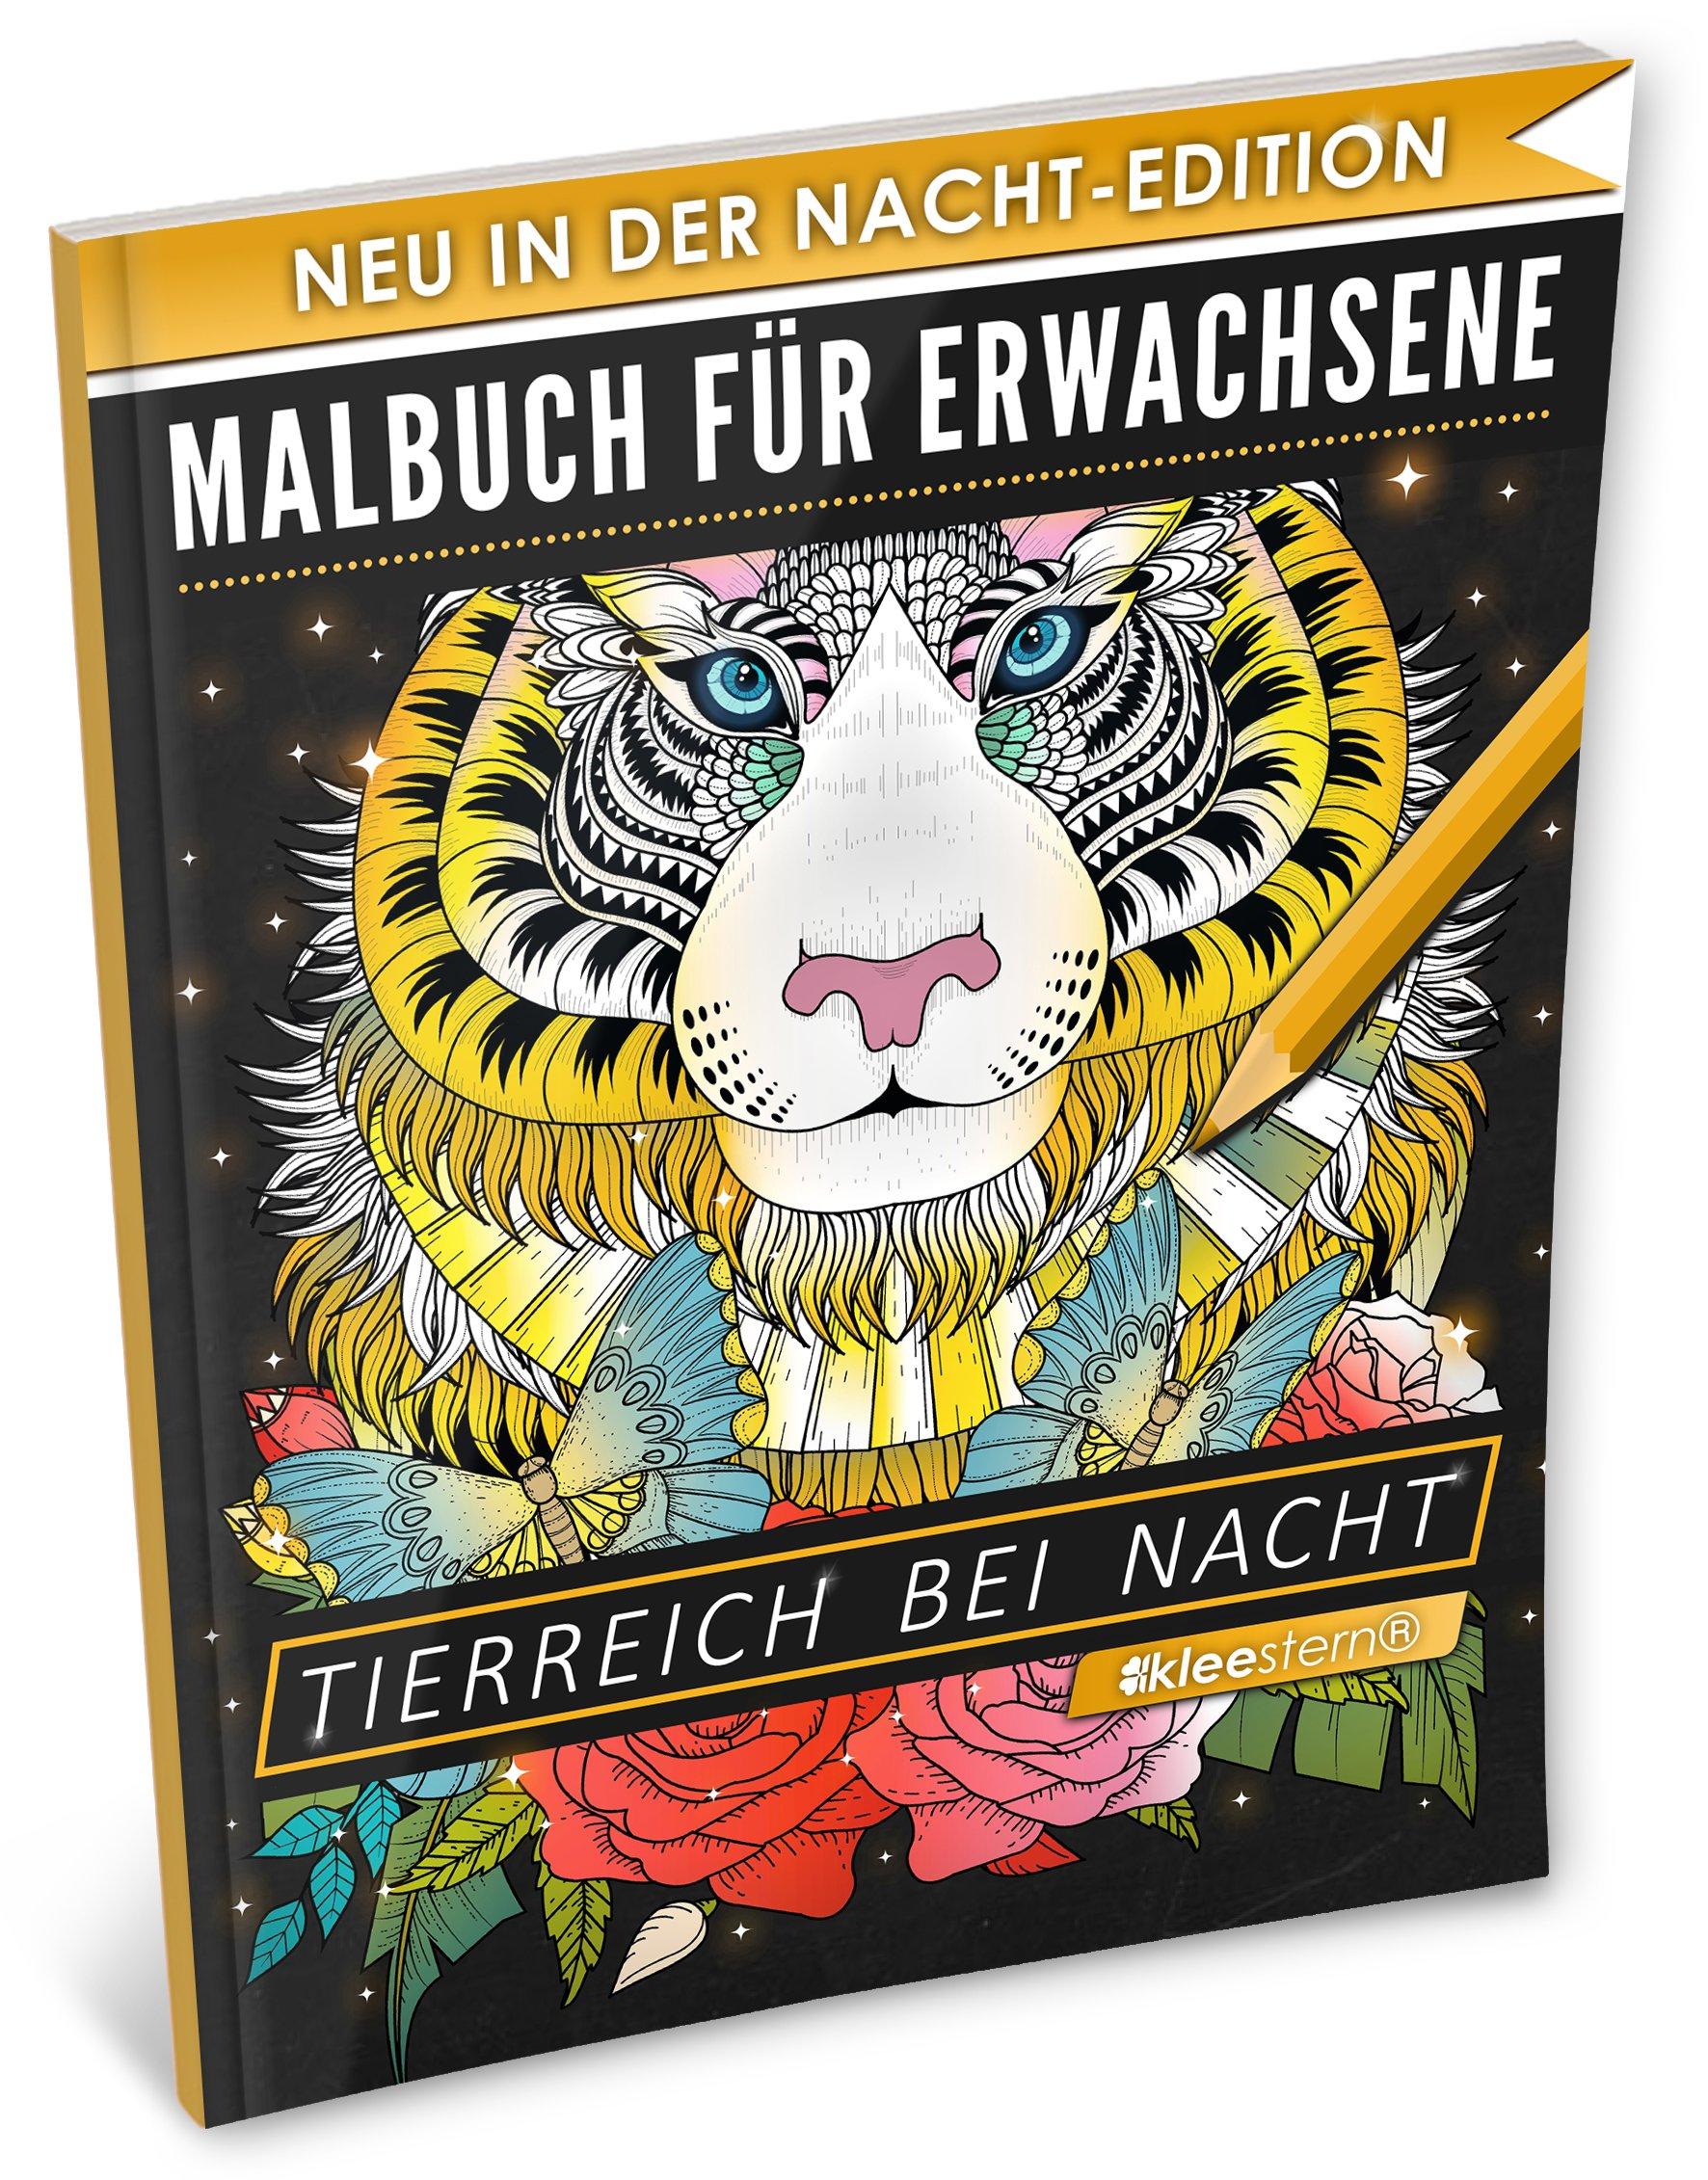 Malbuch für Erwachsene: Tierreich bei Nacht (A4 Nacht Edition, 40+ Ausmalbilder, Ideal für Neon & Glitzerstifte, Kleestern®)